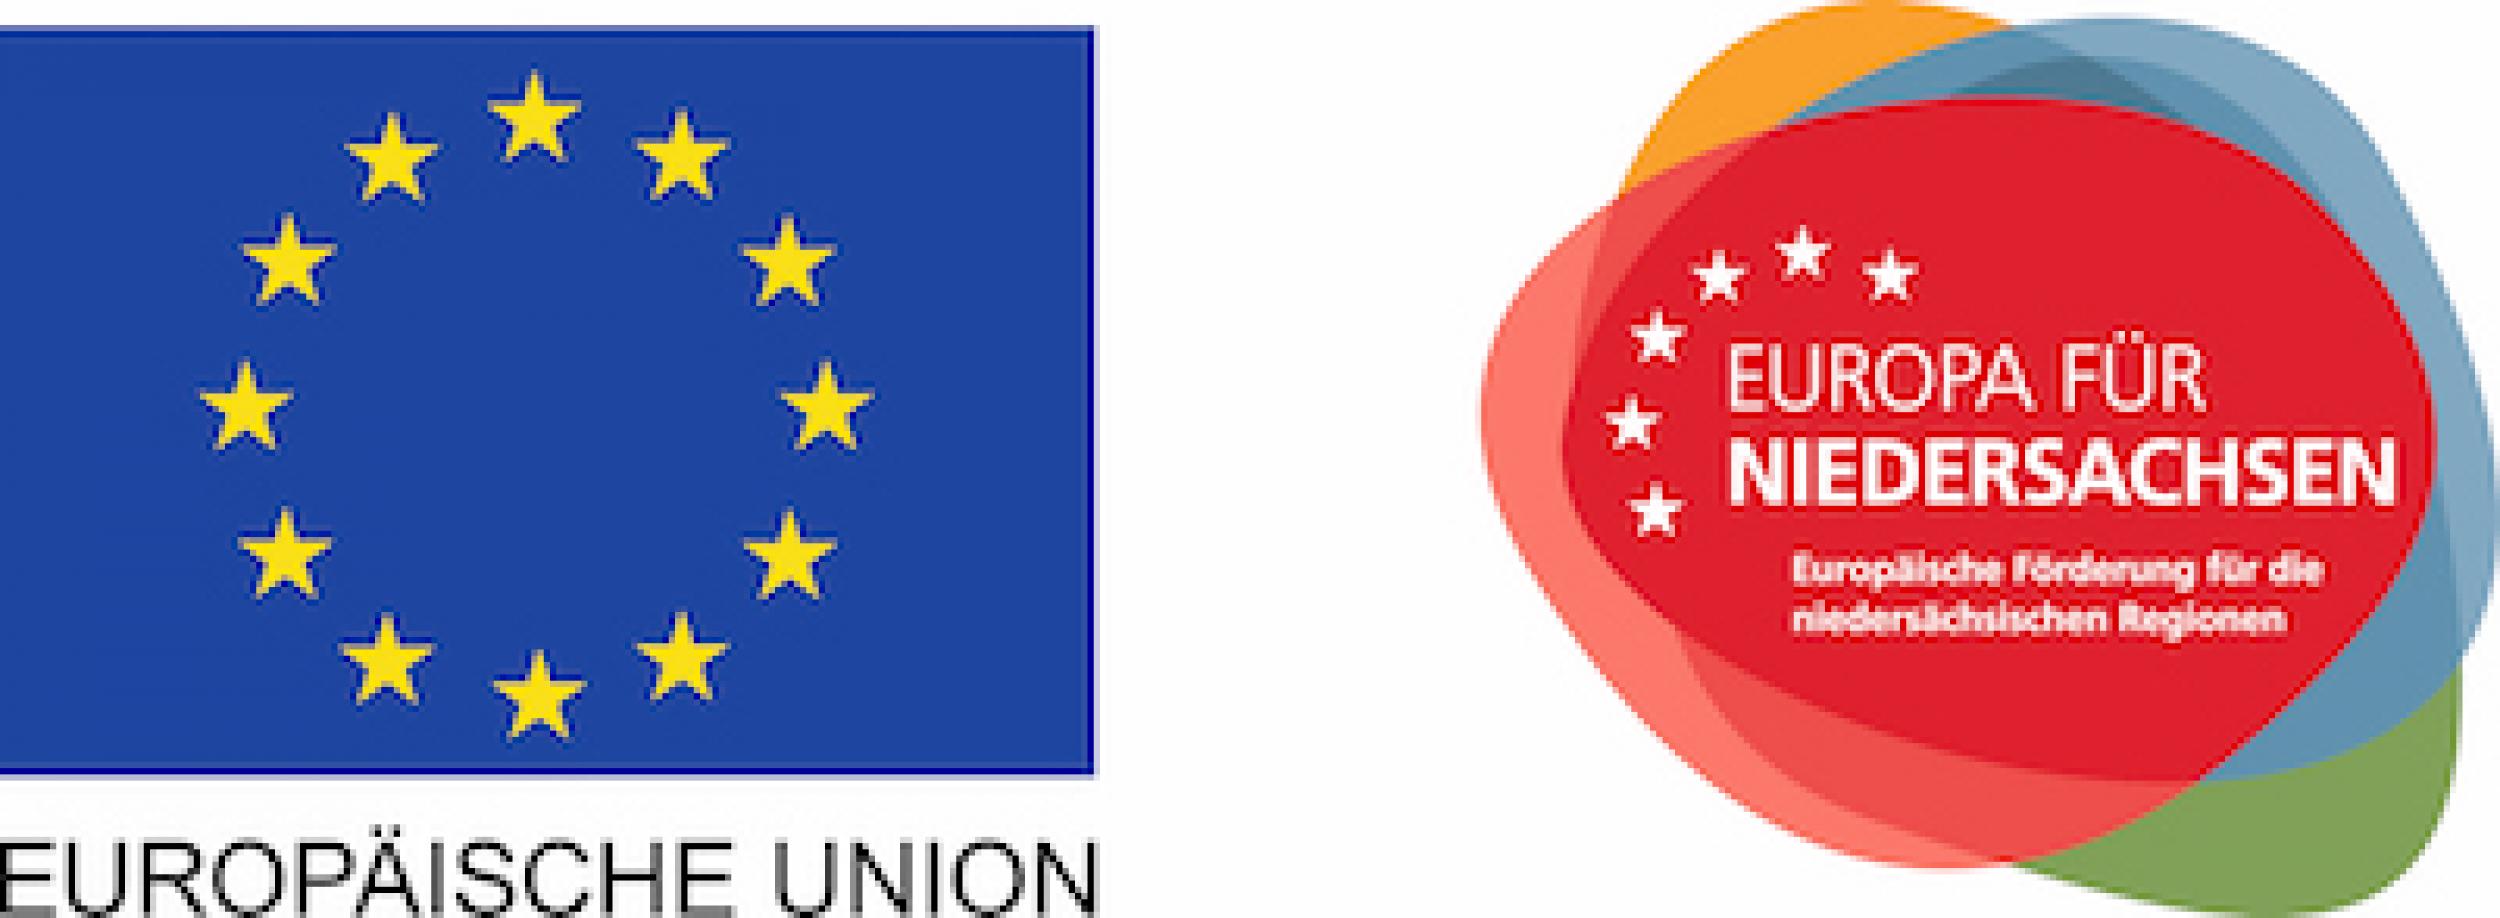 EU-Foerderung